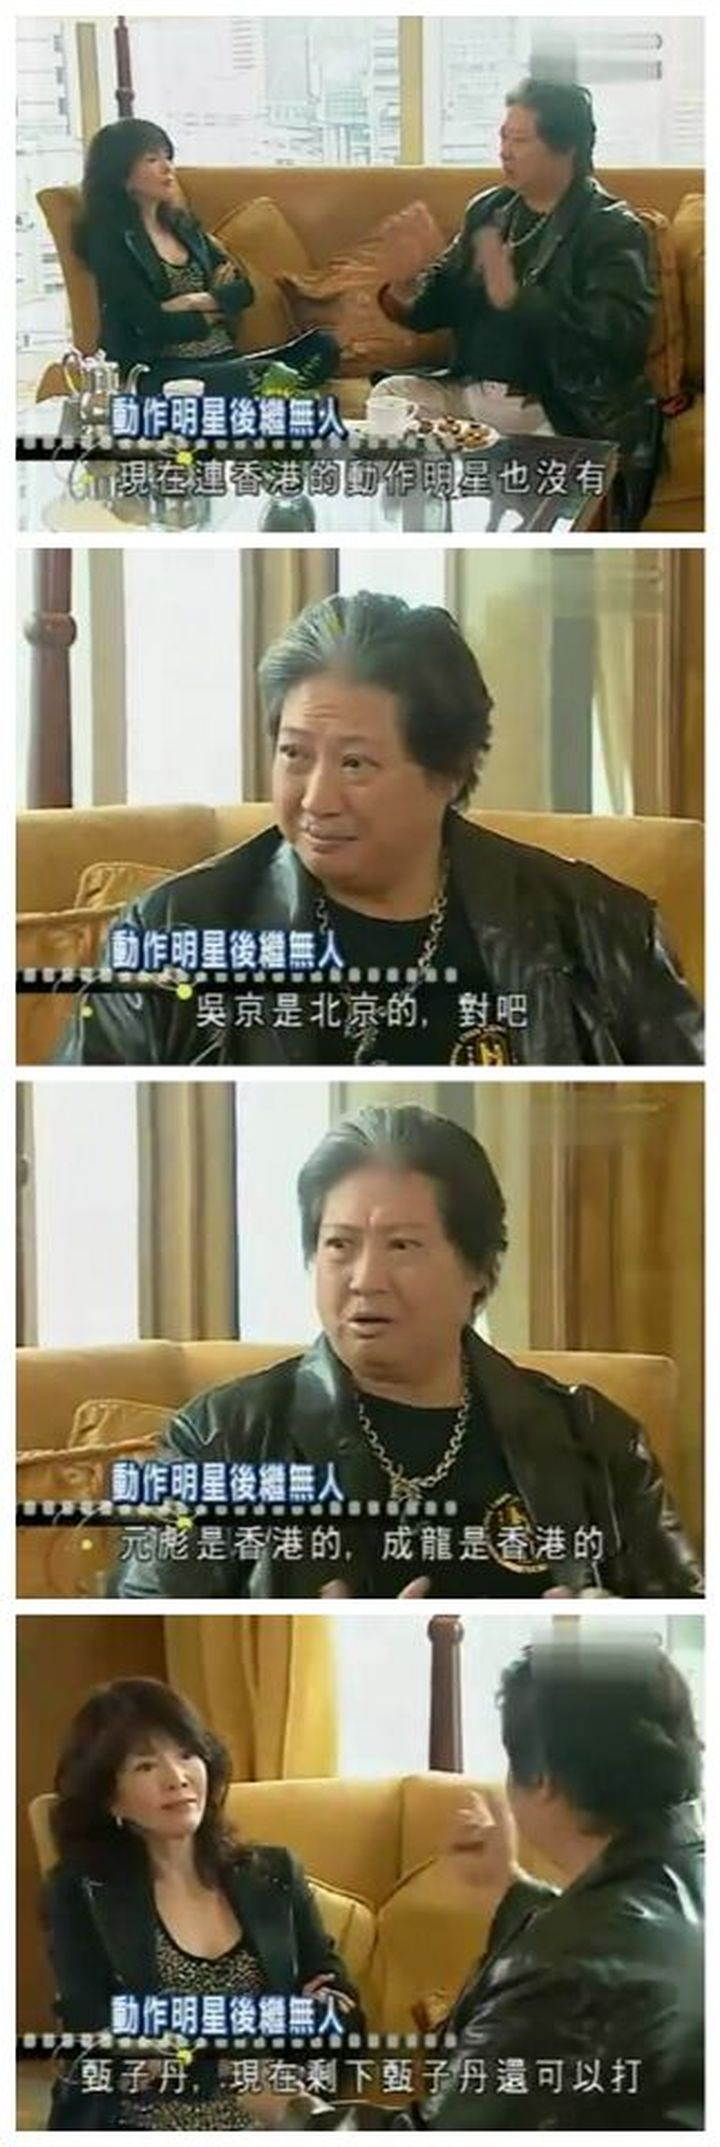 大家如何看待《特殊身份》赵文卓和甄子丹这件事儿,这件事到底谁对谁错?-100